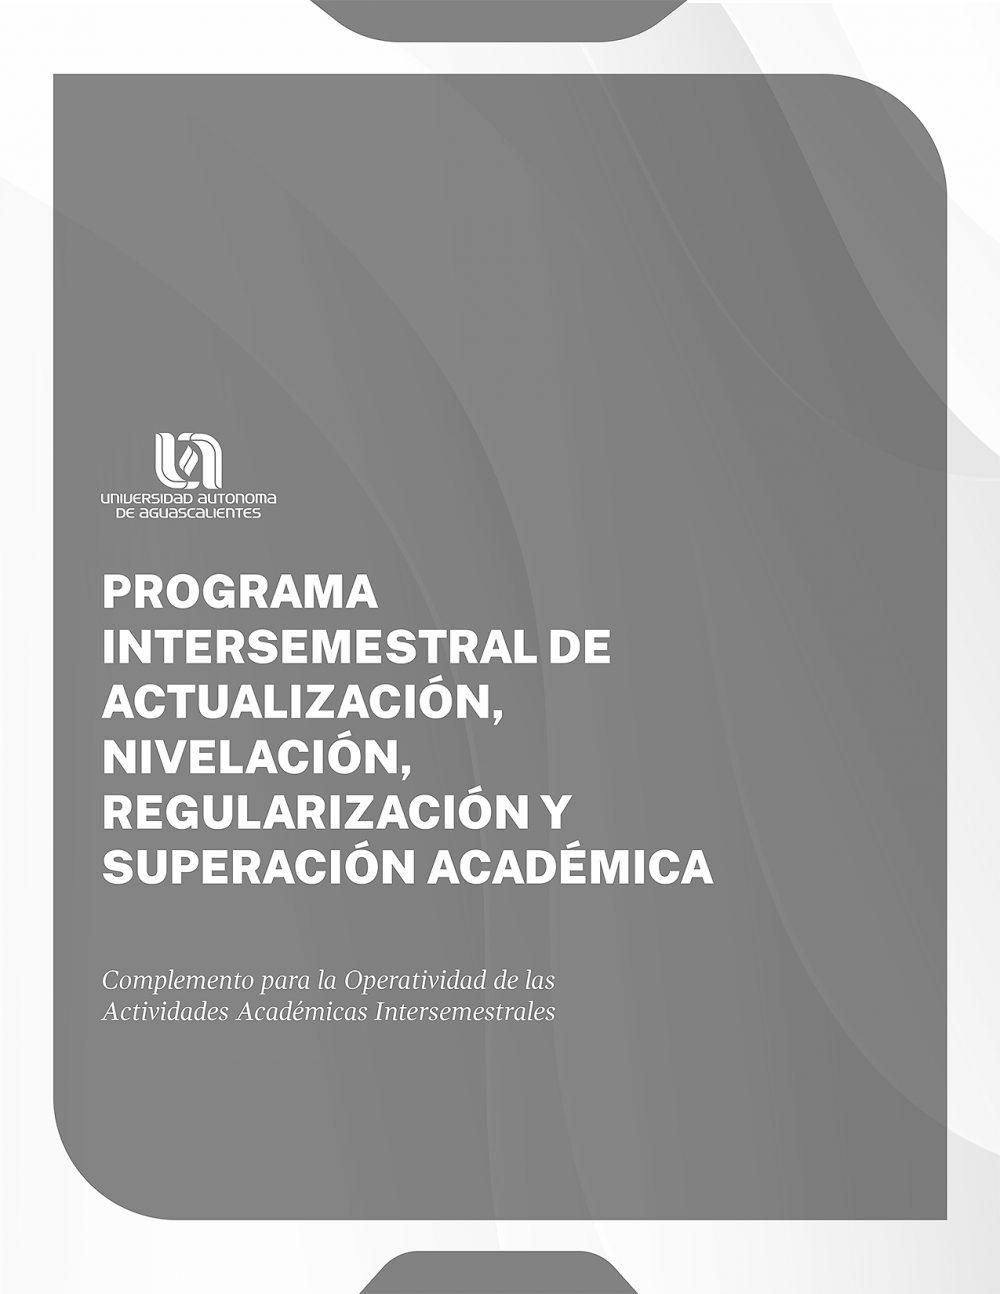 Programa Intersemestral de Actualización, Nivelación, Regularización y Superación Académica